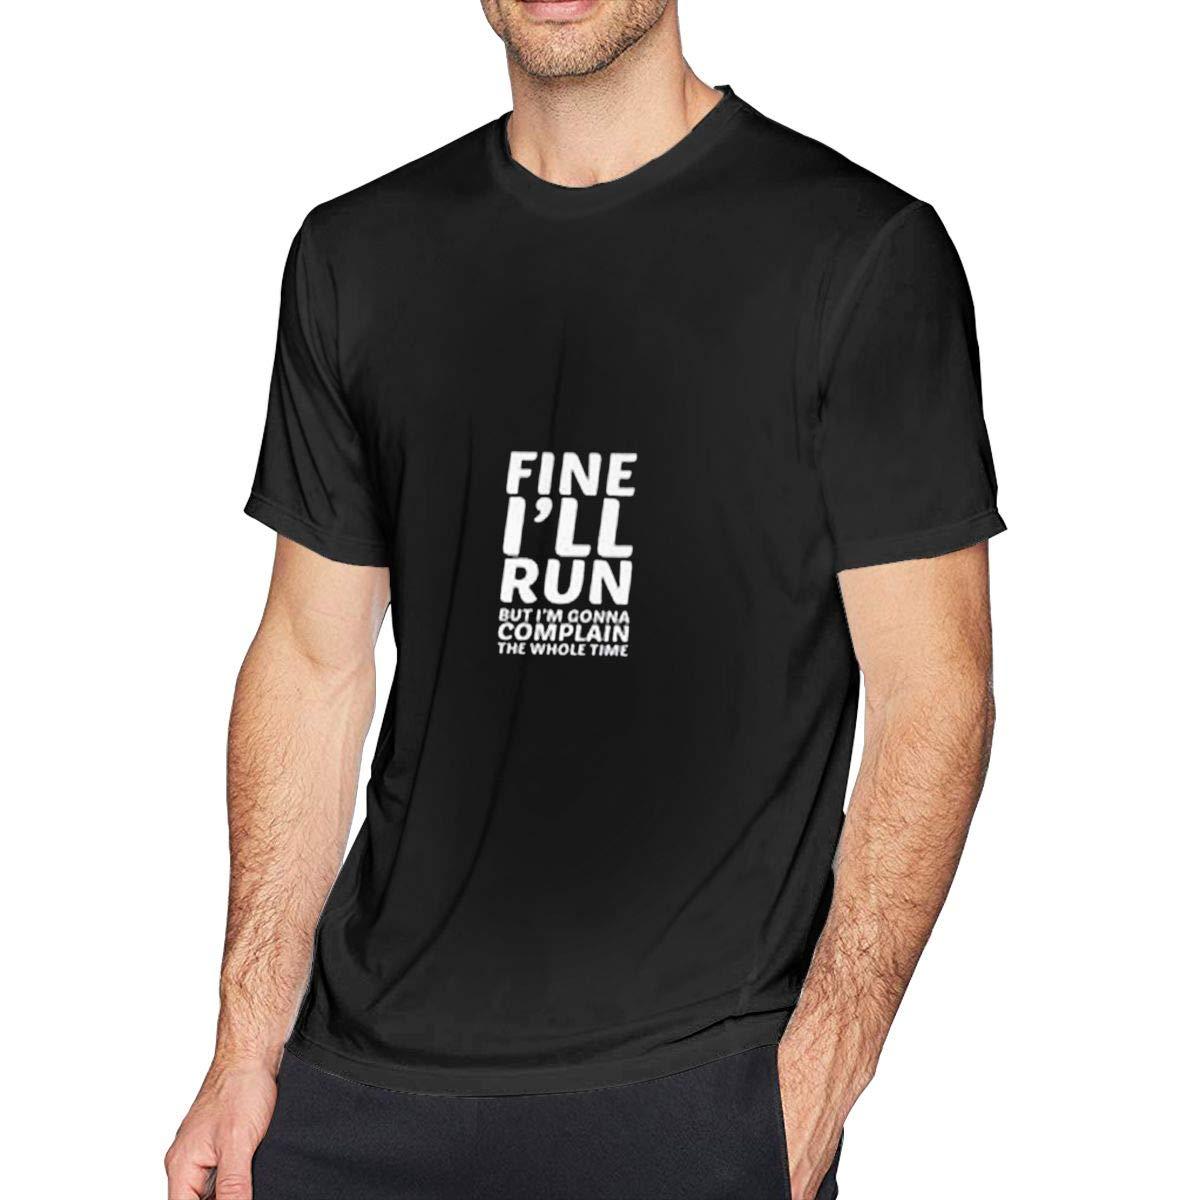 Aifreedom1 Fine Ill Run Burnout Funny Tee Black Shirts